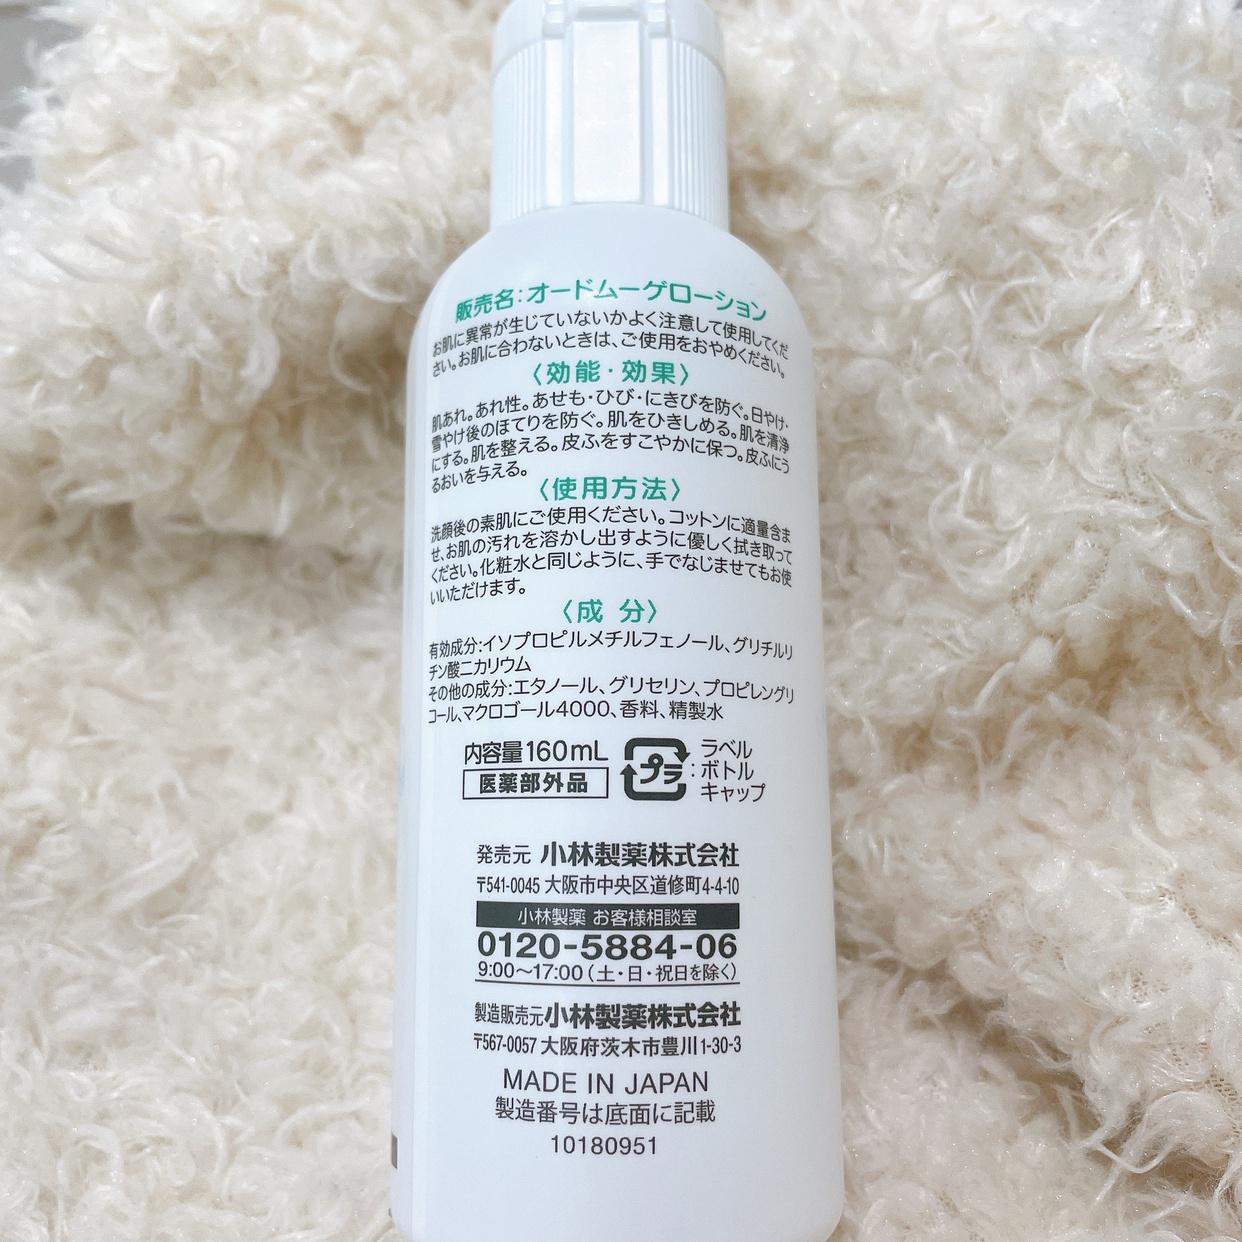 EAUDE MUGE(オードムーゲ)薬用ローション (ふきとり化粧水)を使ったゆっちんさんのクチコミ画像2